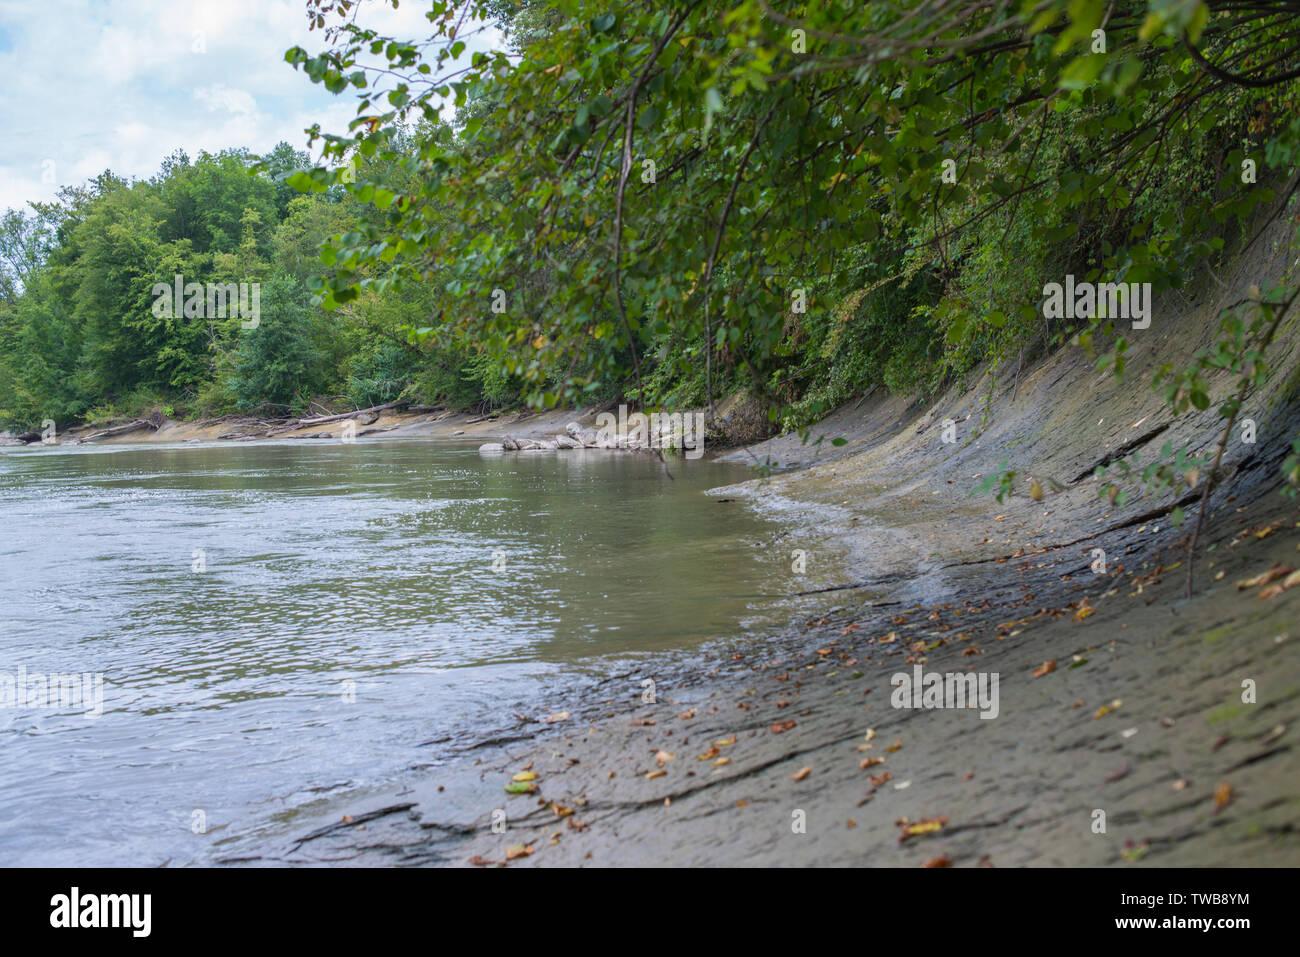 Une banque de pierreux en pente de la rivière de montagne. Focus sélectif. Banque D'Images